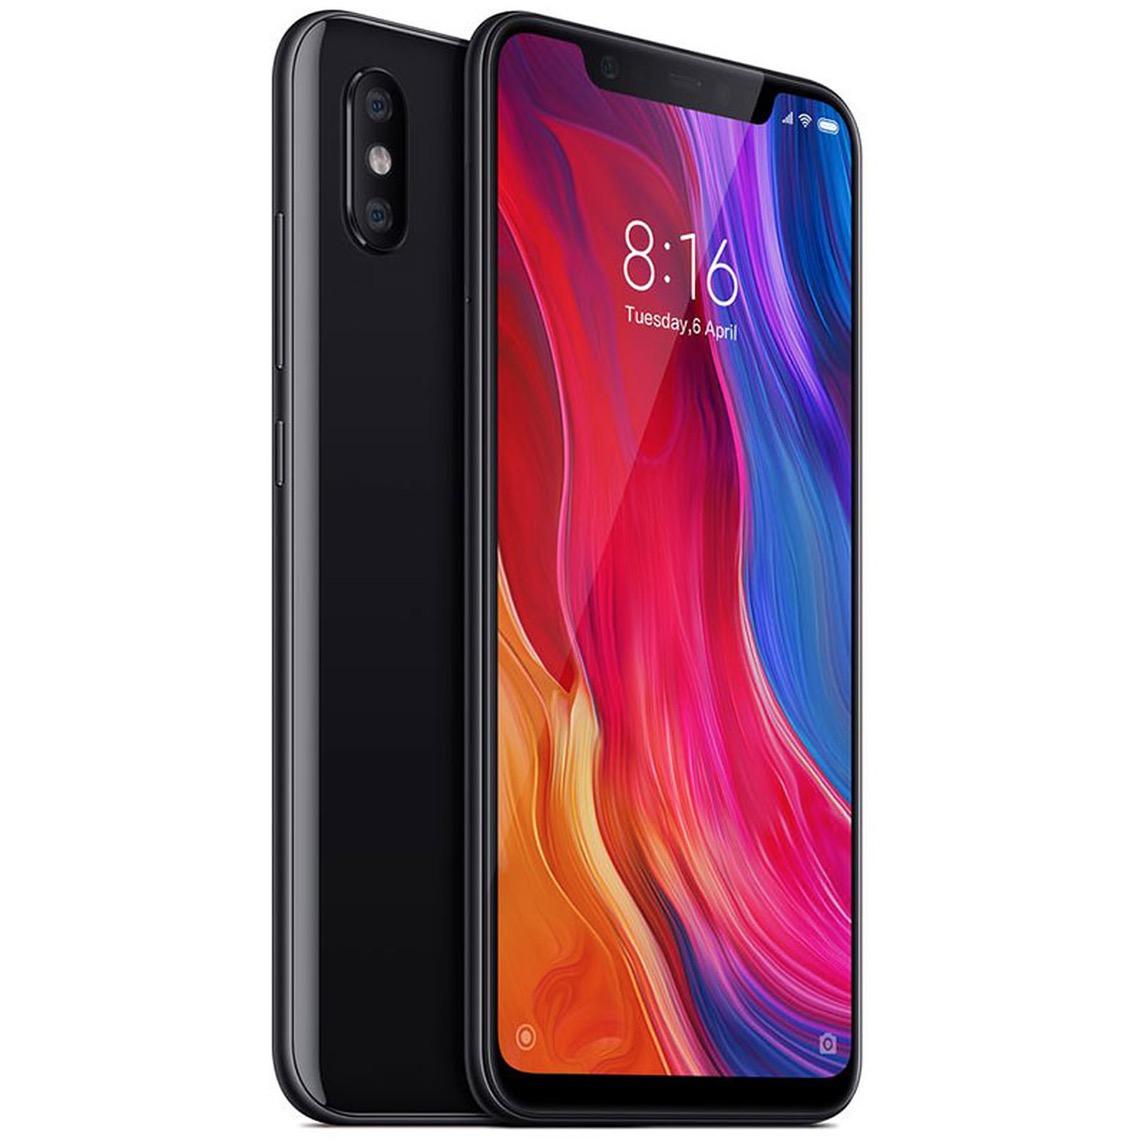 a0a2351a6f5 ▷ Xiaomi Mi 8 ® - MEJOR PRECIO online (Actualizado)